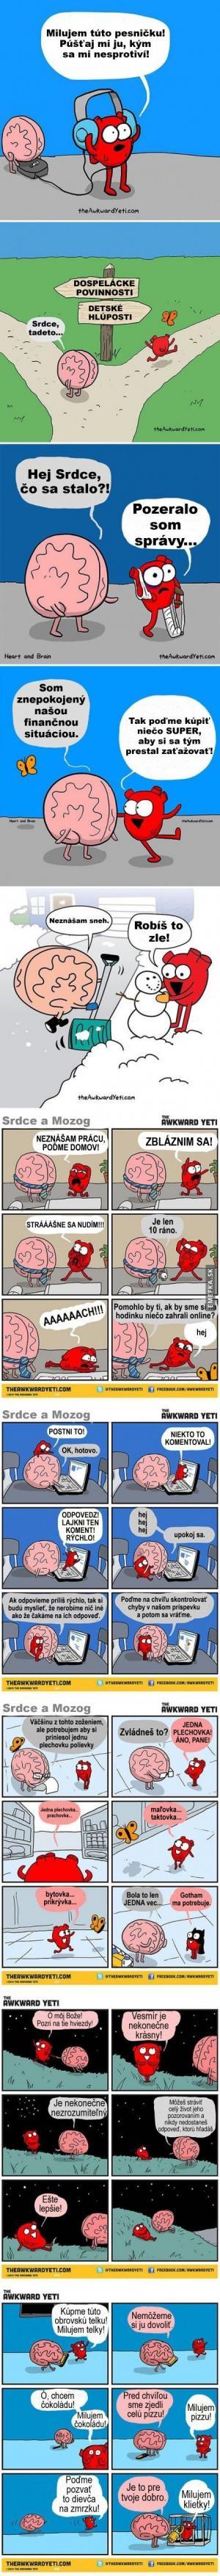 10 situací - Mozek vs. Srdce